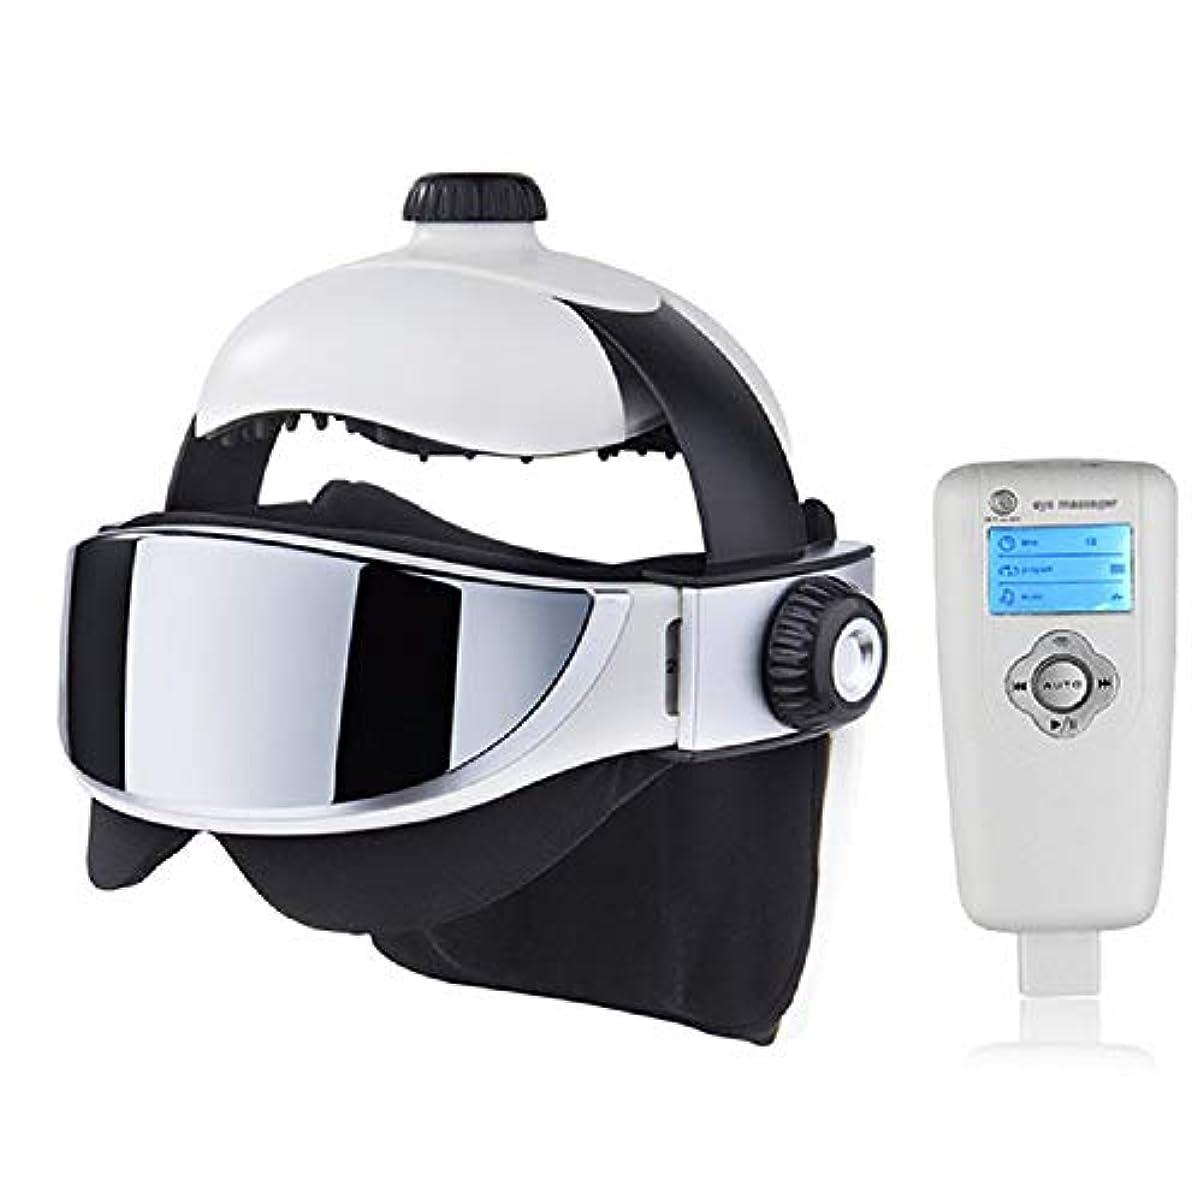 喪ミュート心のこもったMeet now 高度な圧子2イン1ヘッドマッサージ、アイマッサージ、高度な音楽マッサージヘルメットデザイン 品質保証